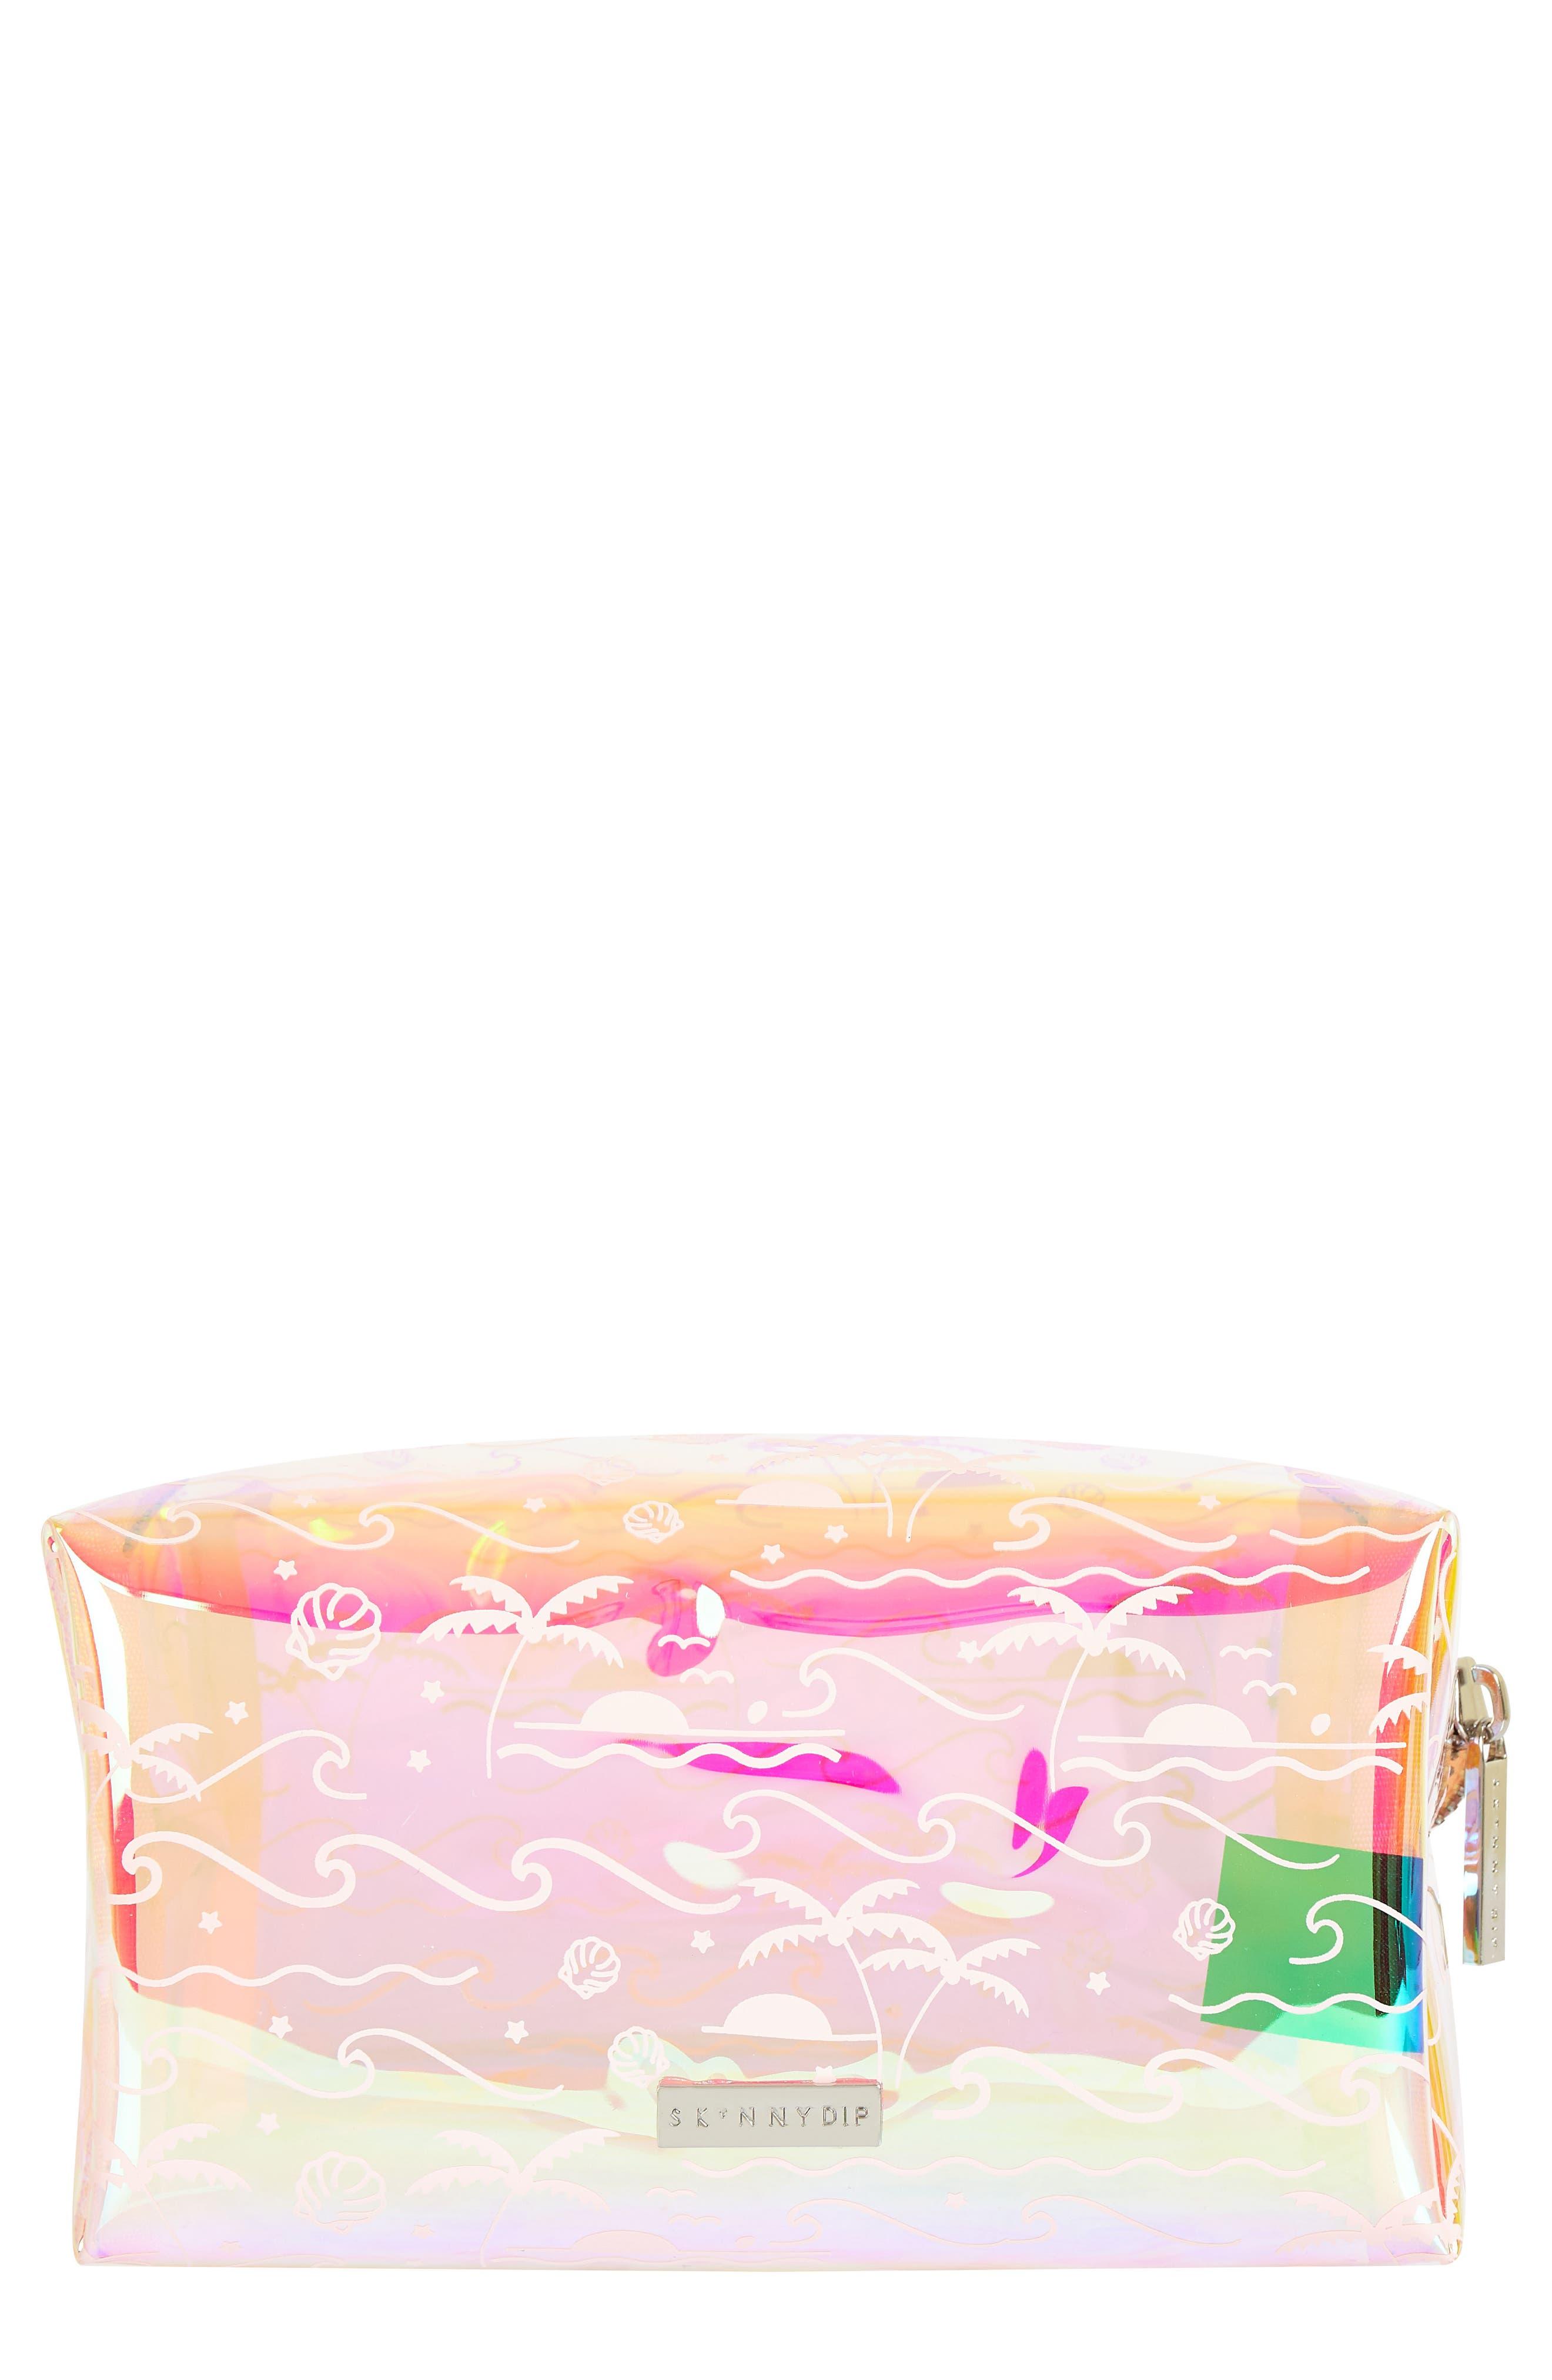 Skinny Dip Ocean Breeze Makeup Bag,                             Main thumbnail 1, color,                             000